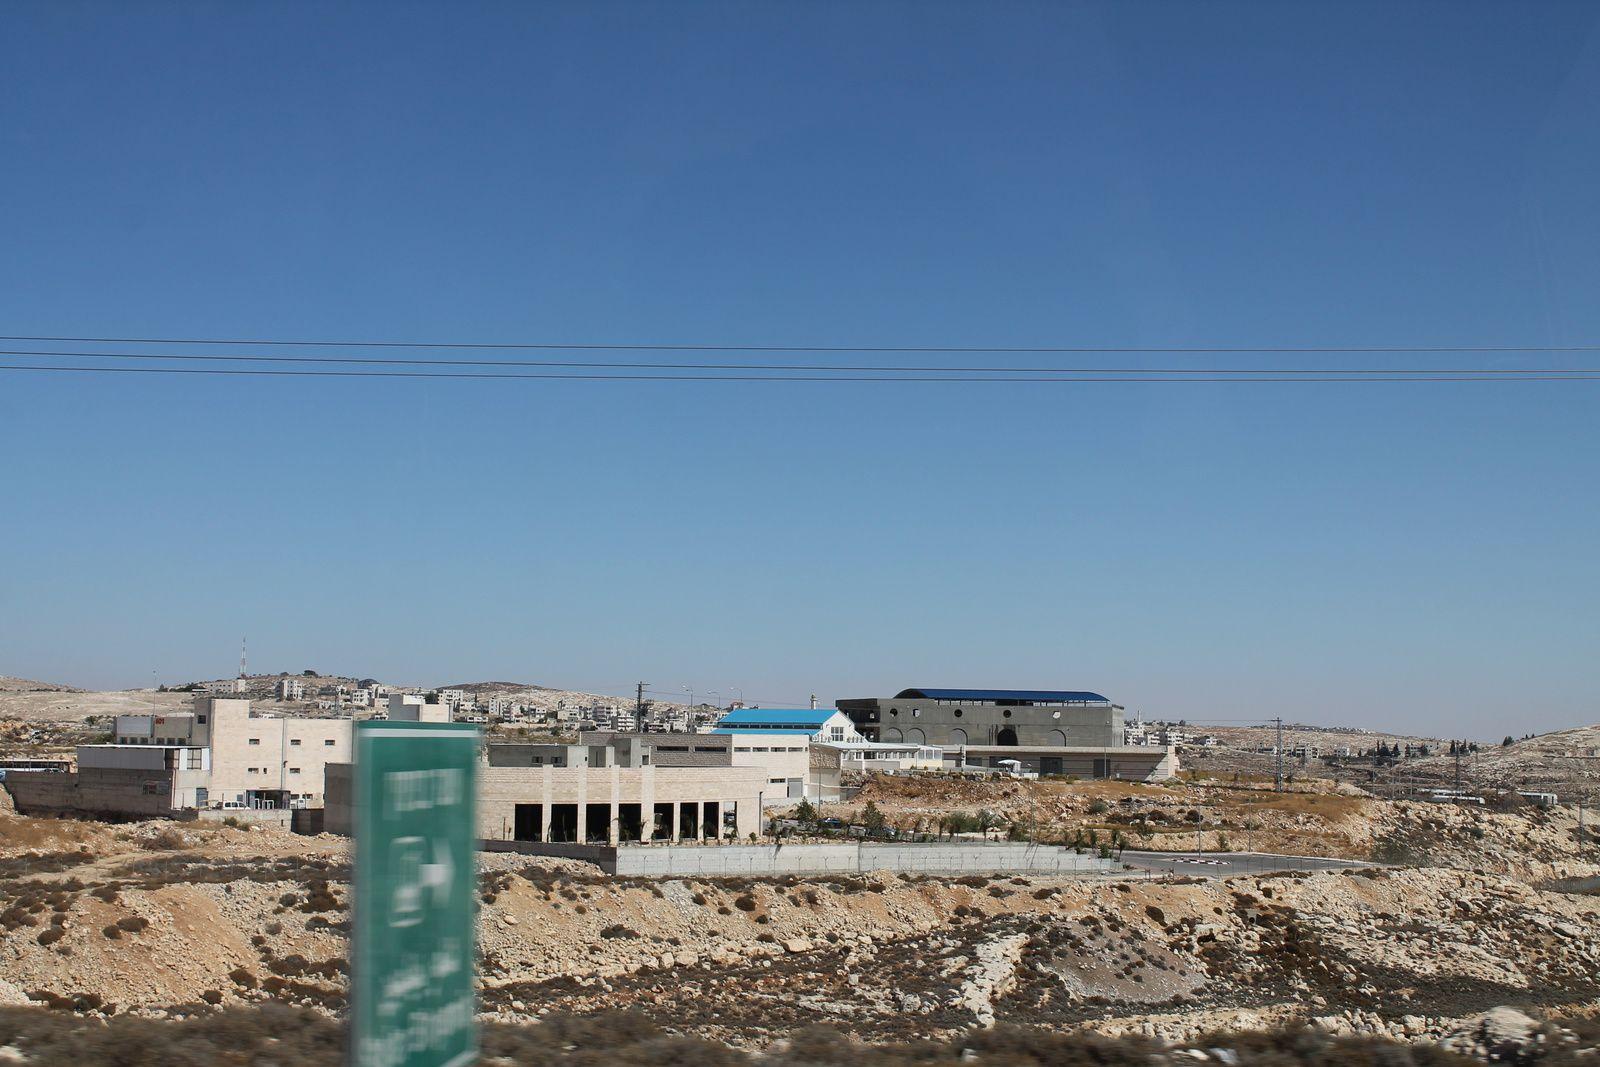 """Ce bâtiment placé entre la route palestinienne et la route des colons est appelé le """"dos à dos"""". En effet, les camions palestiniens y entrent en marche arrière et viennent se placer derrière d'autres camions à plaque israélienne orientés vers la route des colons. Les marchandises des camions palestiniens sont transvasées dans les camions immatriculés en Israël qui peuvent ainsi circuler dans le territoire de l'Etat hébreu jusqu'au port de Haïfa en cas d'exportation maritime. On se doute que ce système absurde entrave fortement l'économie palestinienne !"""